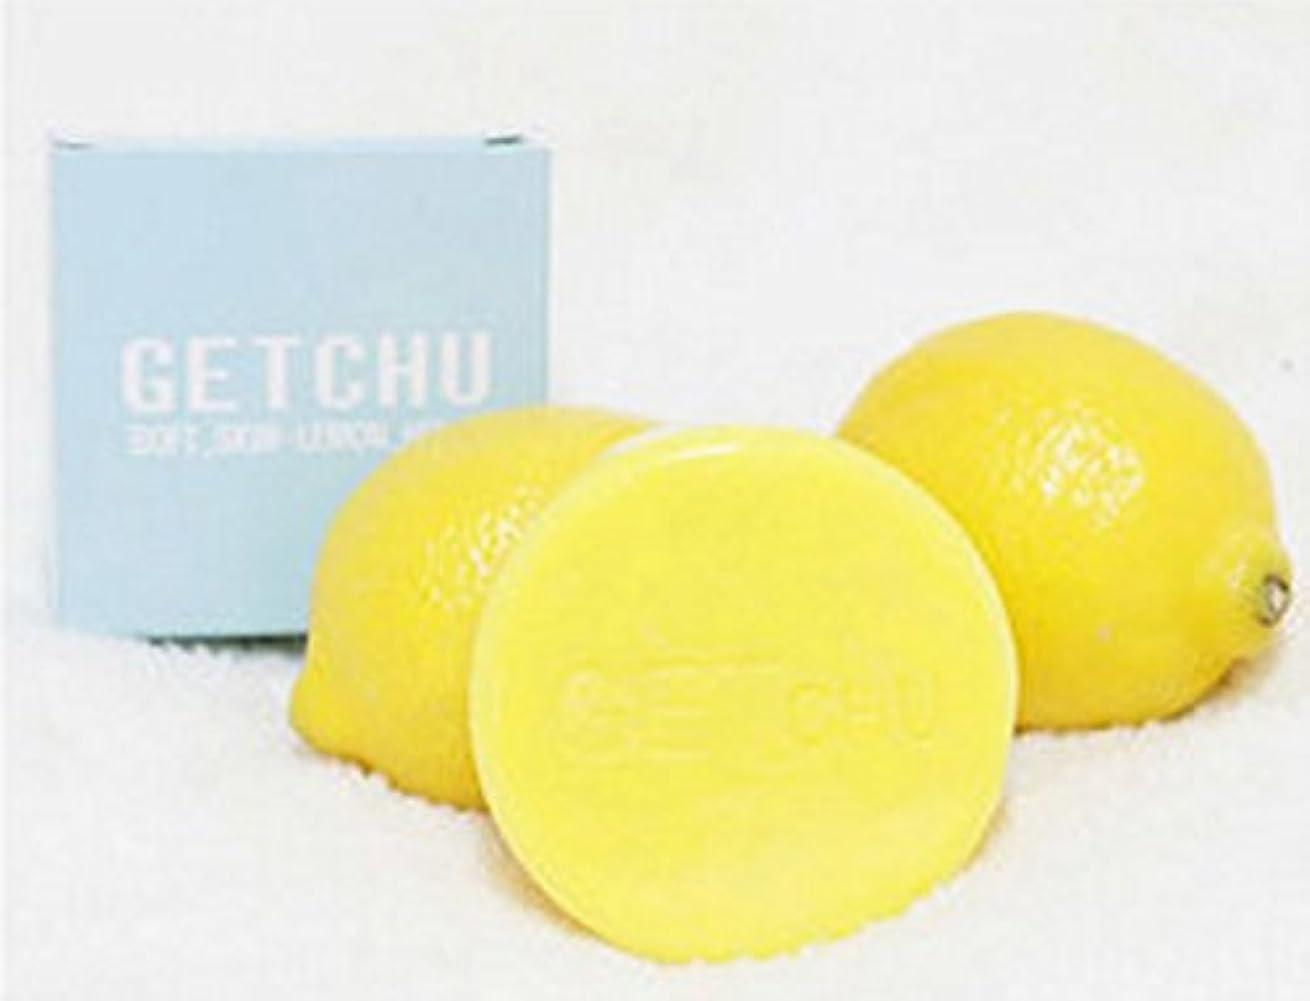 ギタープロット愛[ソフト スキン ] ゲット ズ- (Get Chu) レモンソープ 石鹼 , 美白 泡洗顔料, ユギノン レモンの成分 ホワイトニング効果/ バブル網 贈呈 [海外直送品]